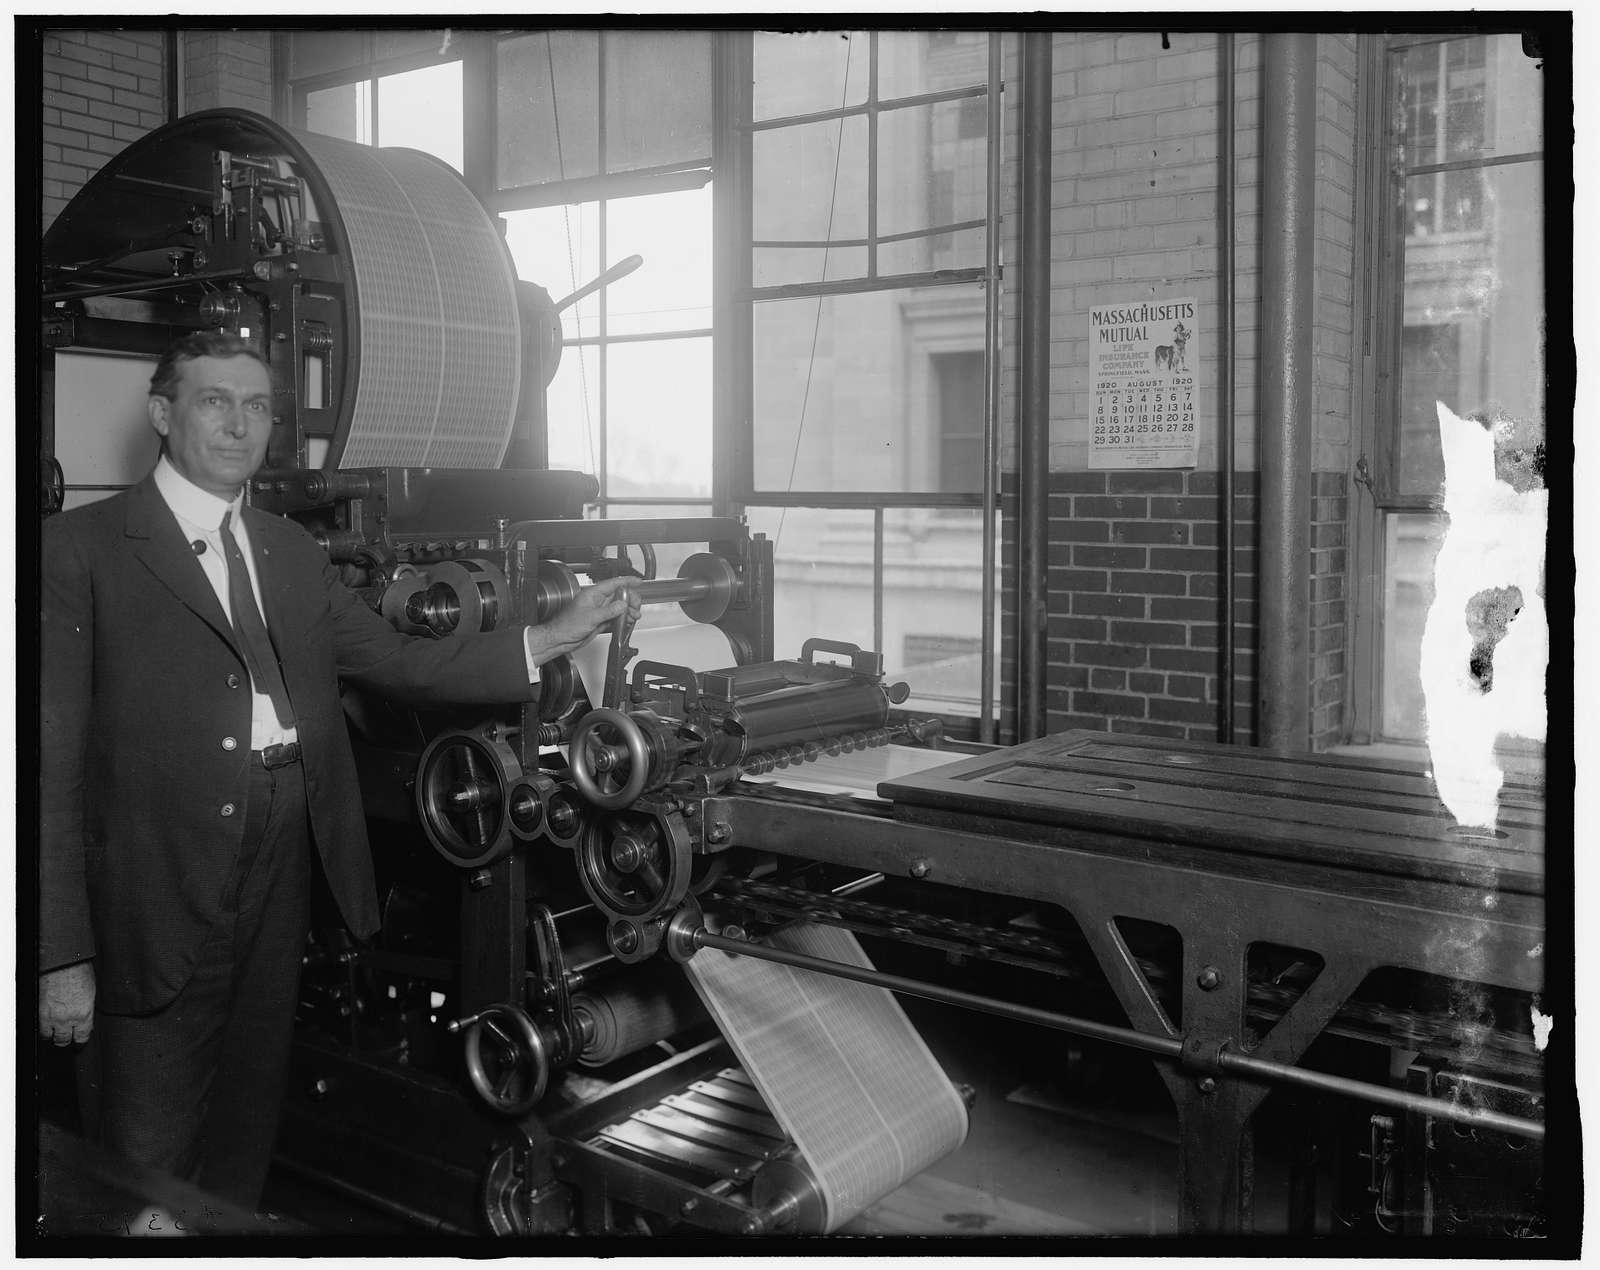 Stamp machine, Bureau of Engraving